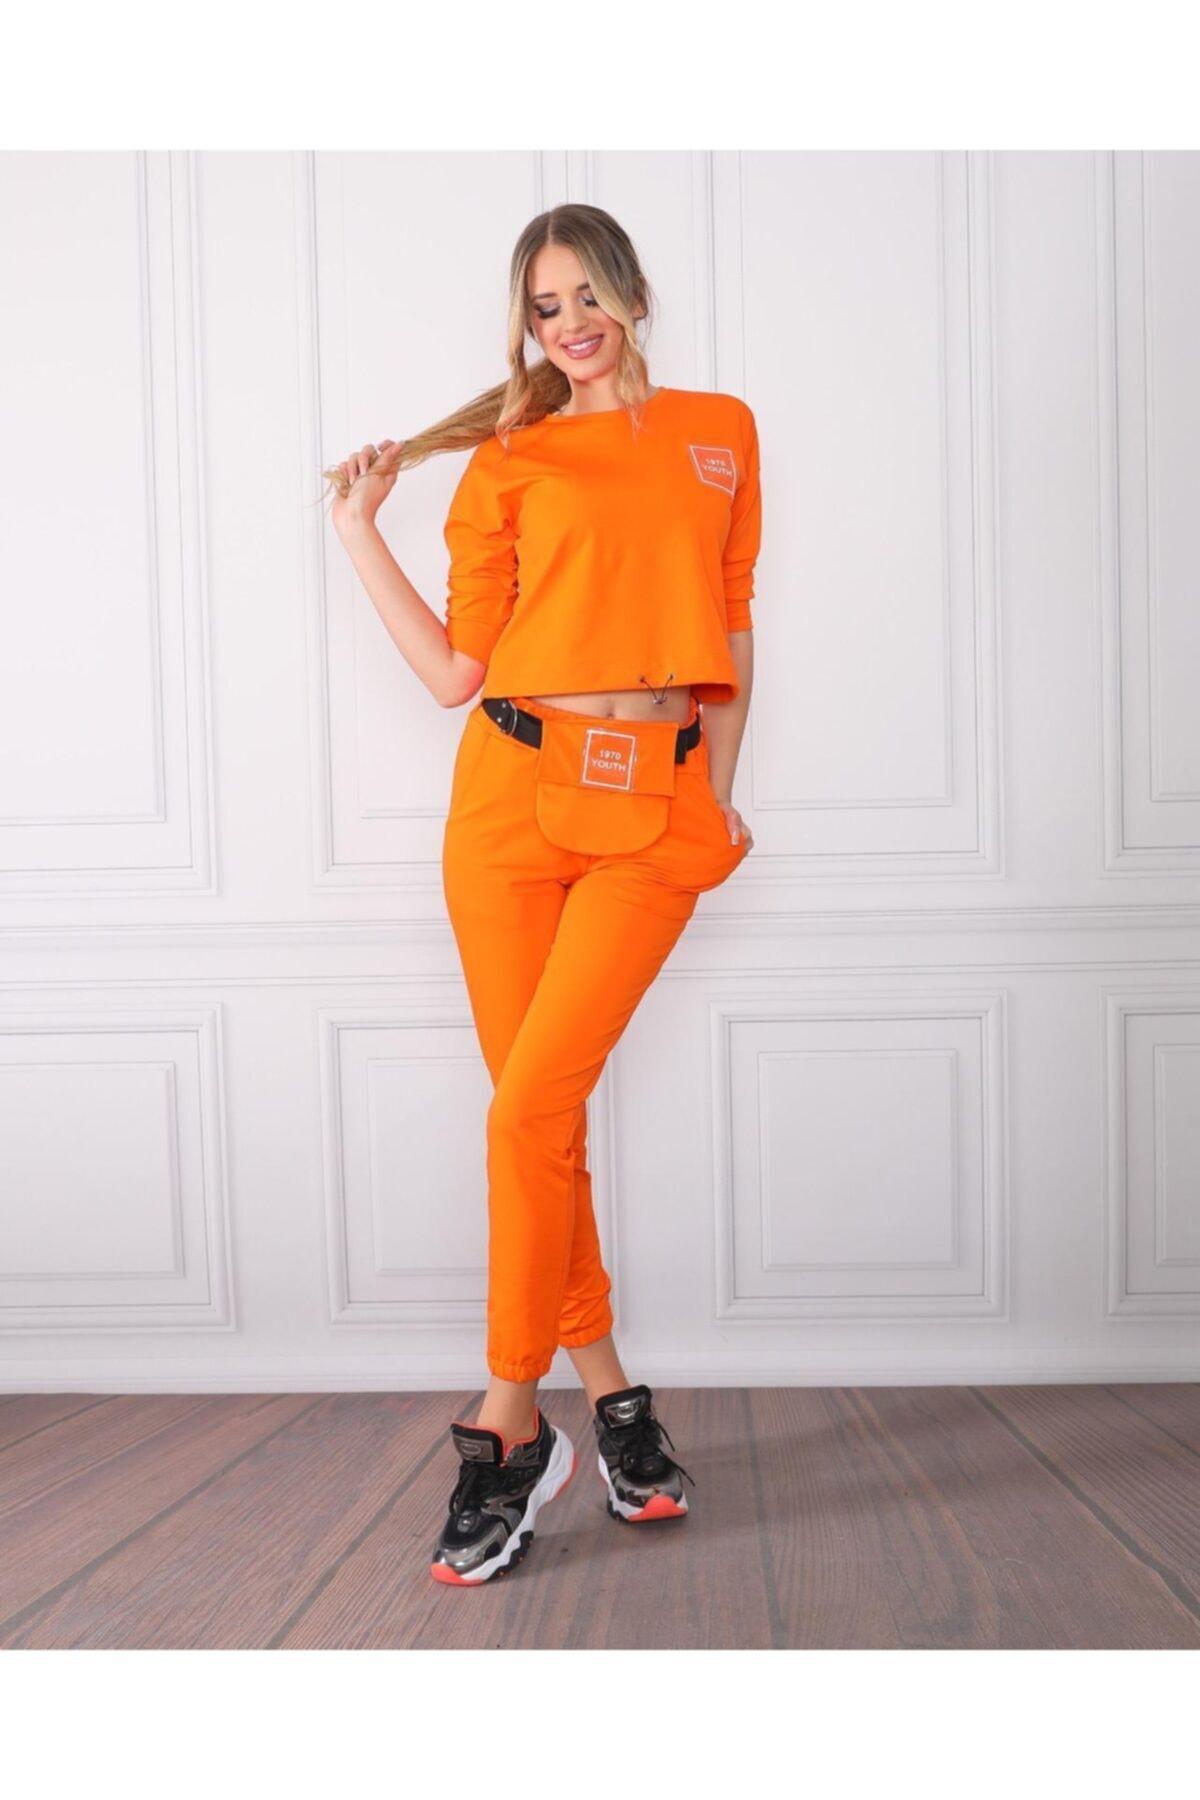 TREND Kadın Turuncu Renk Rengi Örme Alt Üst Eşofman Takımı Bel Çanta 2